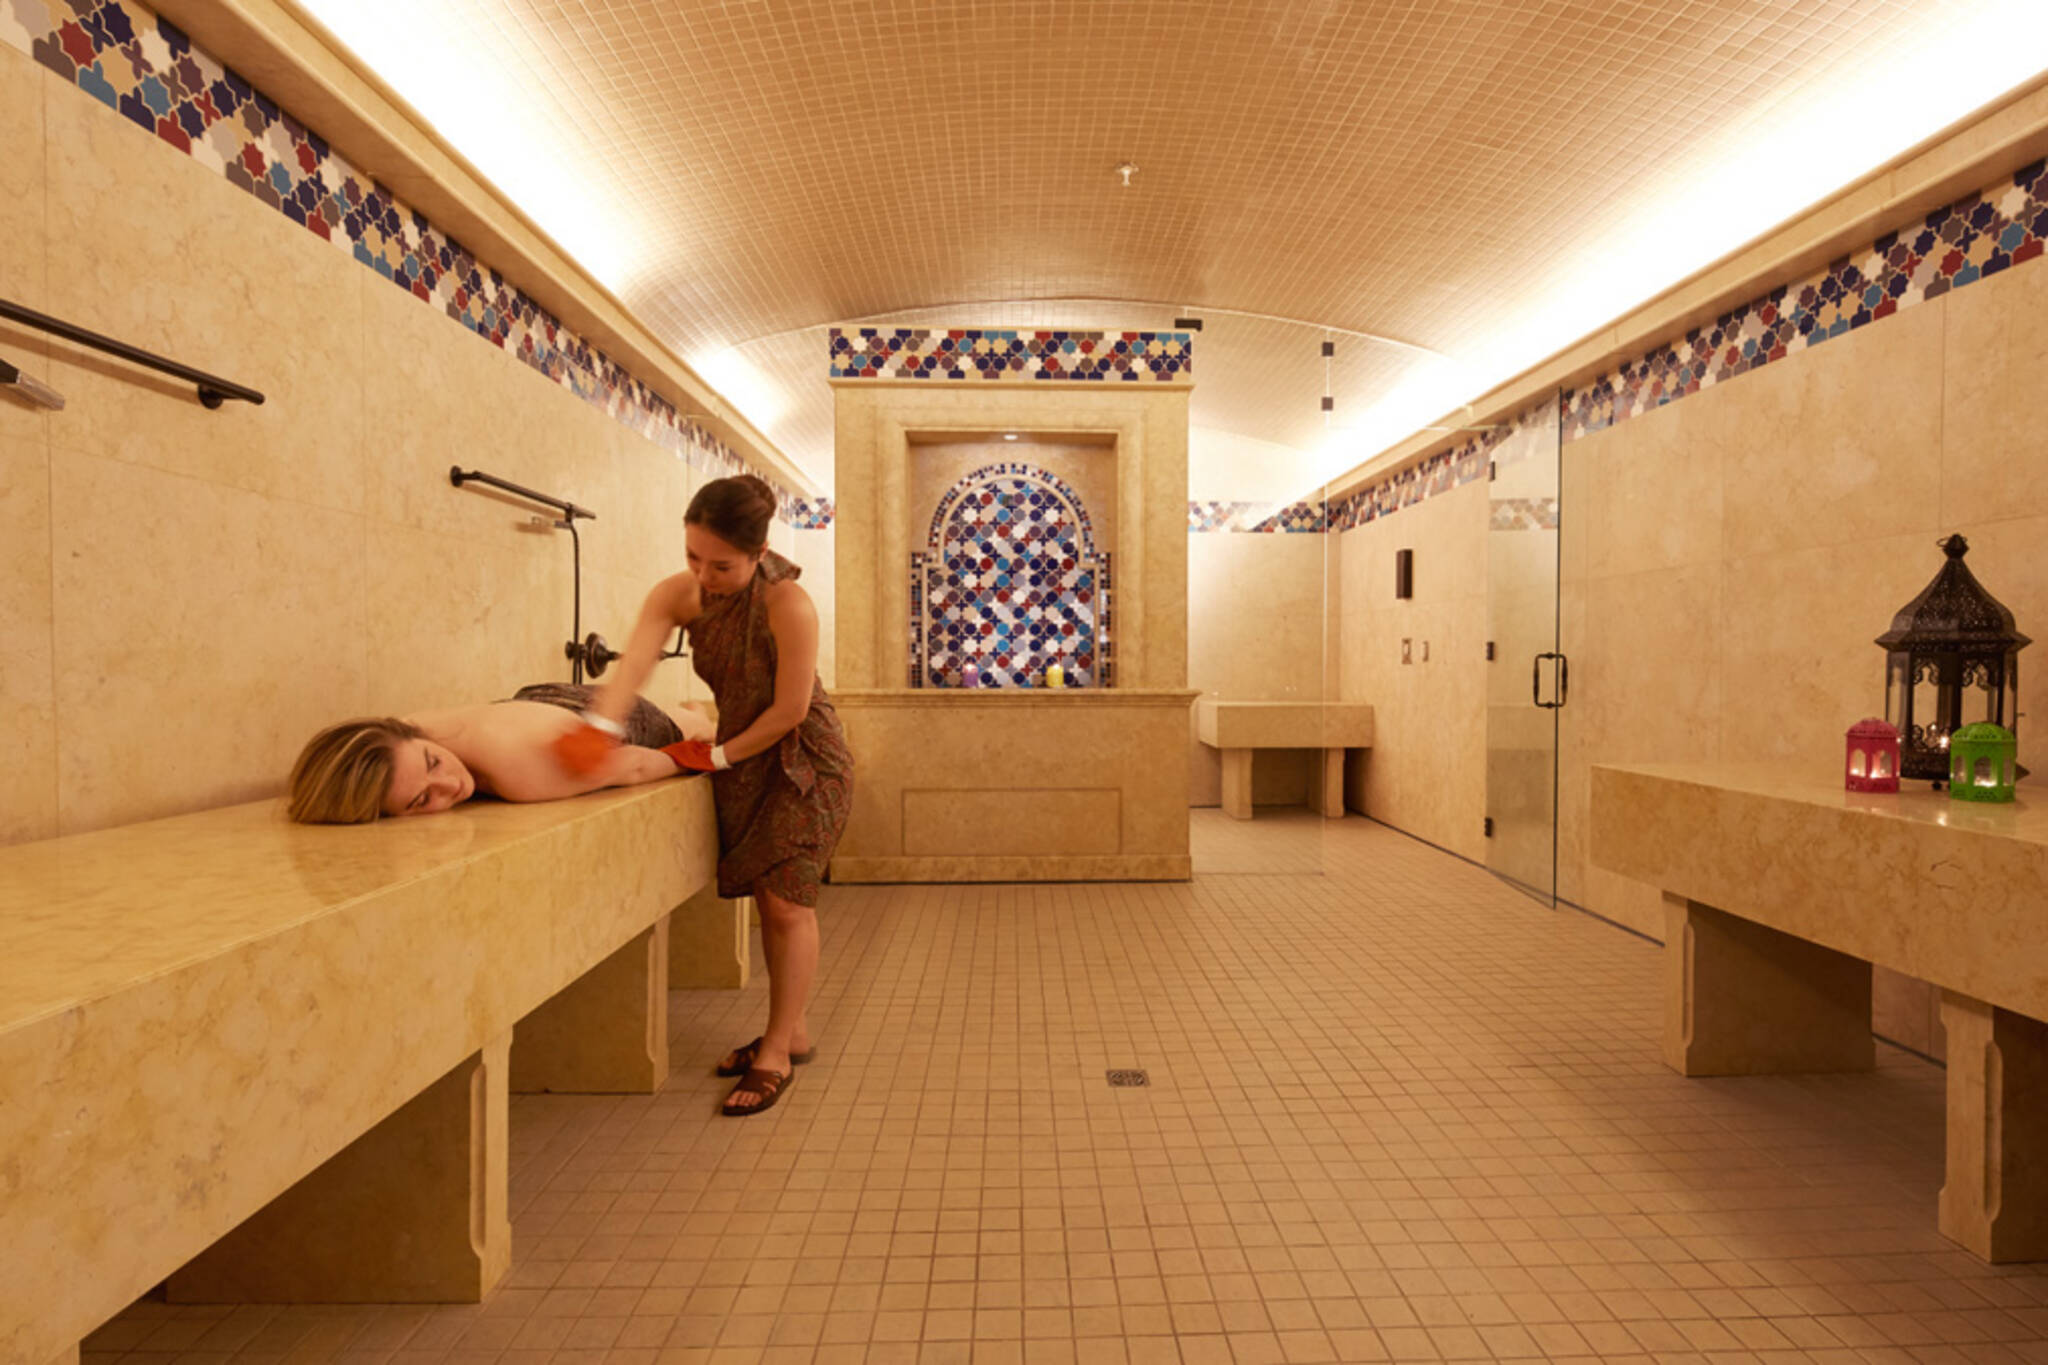 saunas toronto